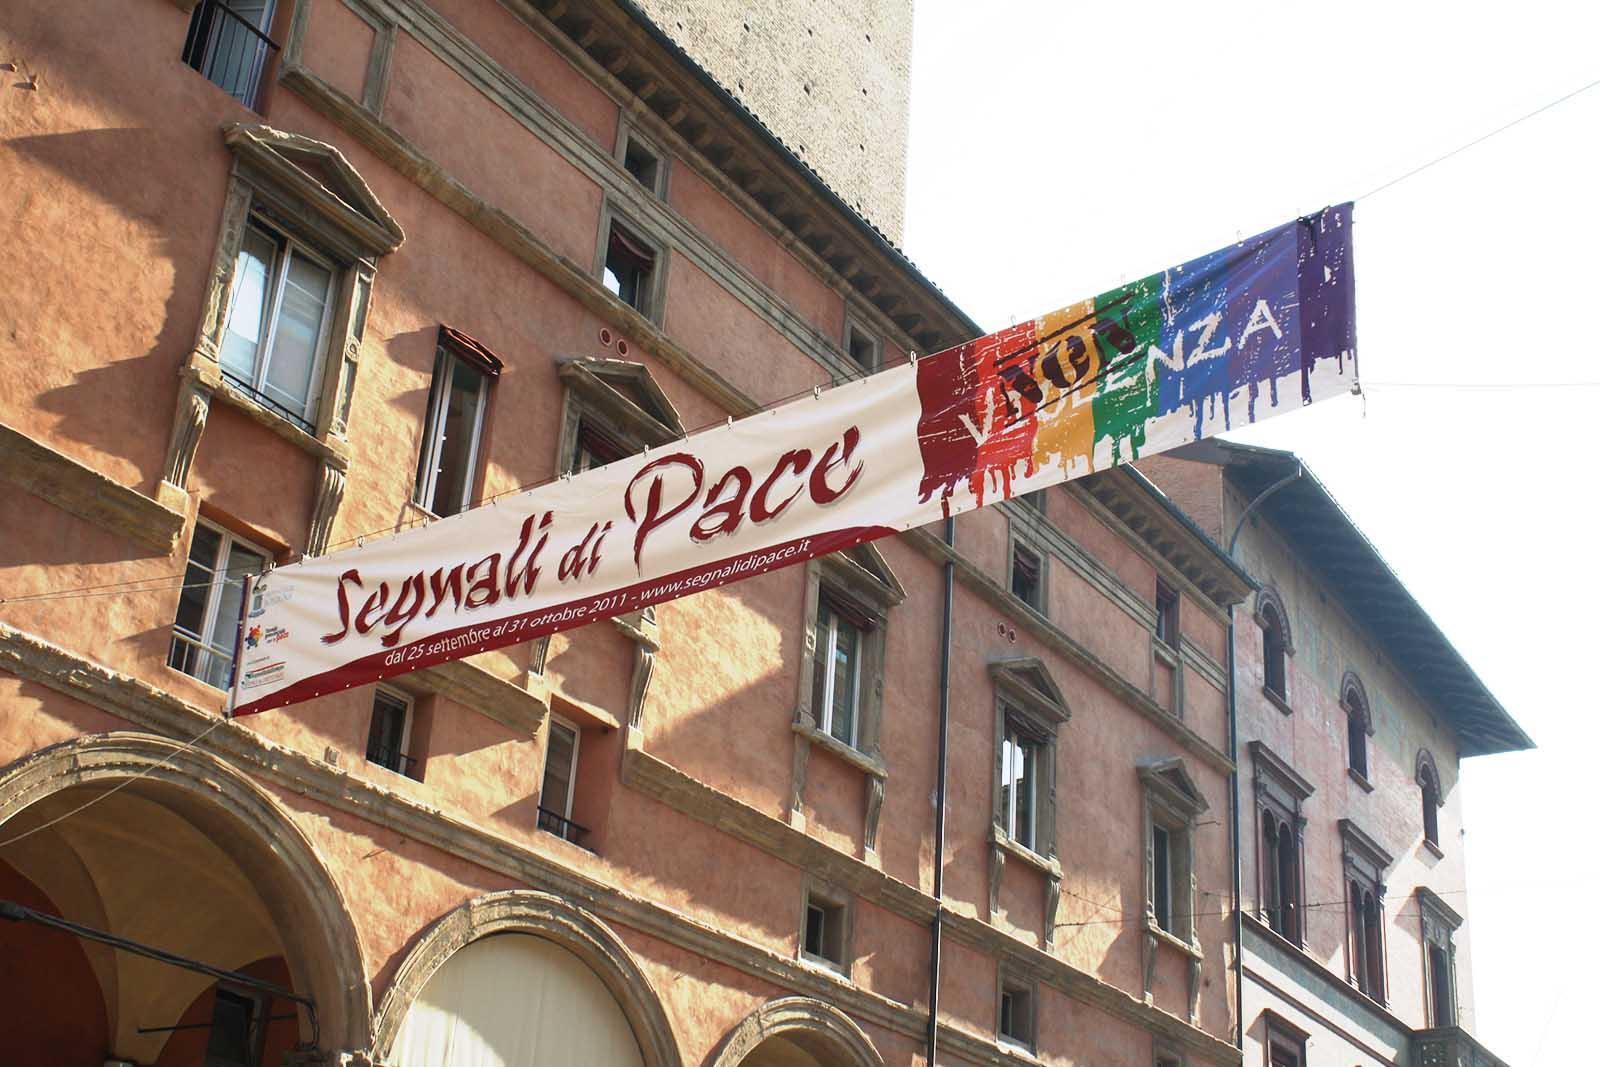 segnali di pace provincia bologna affissione